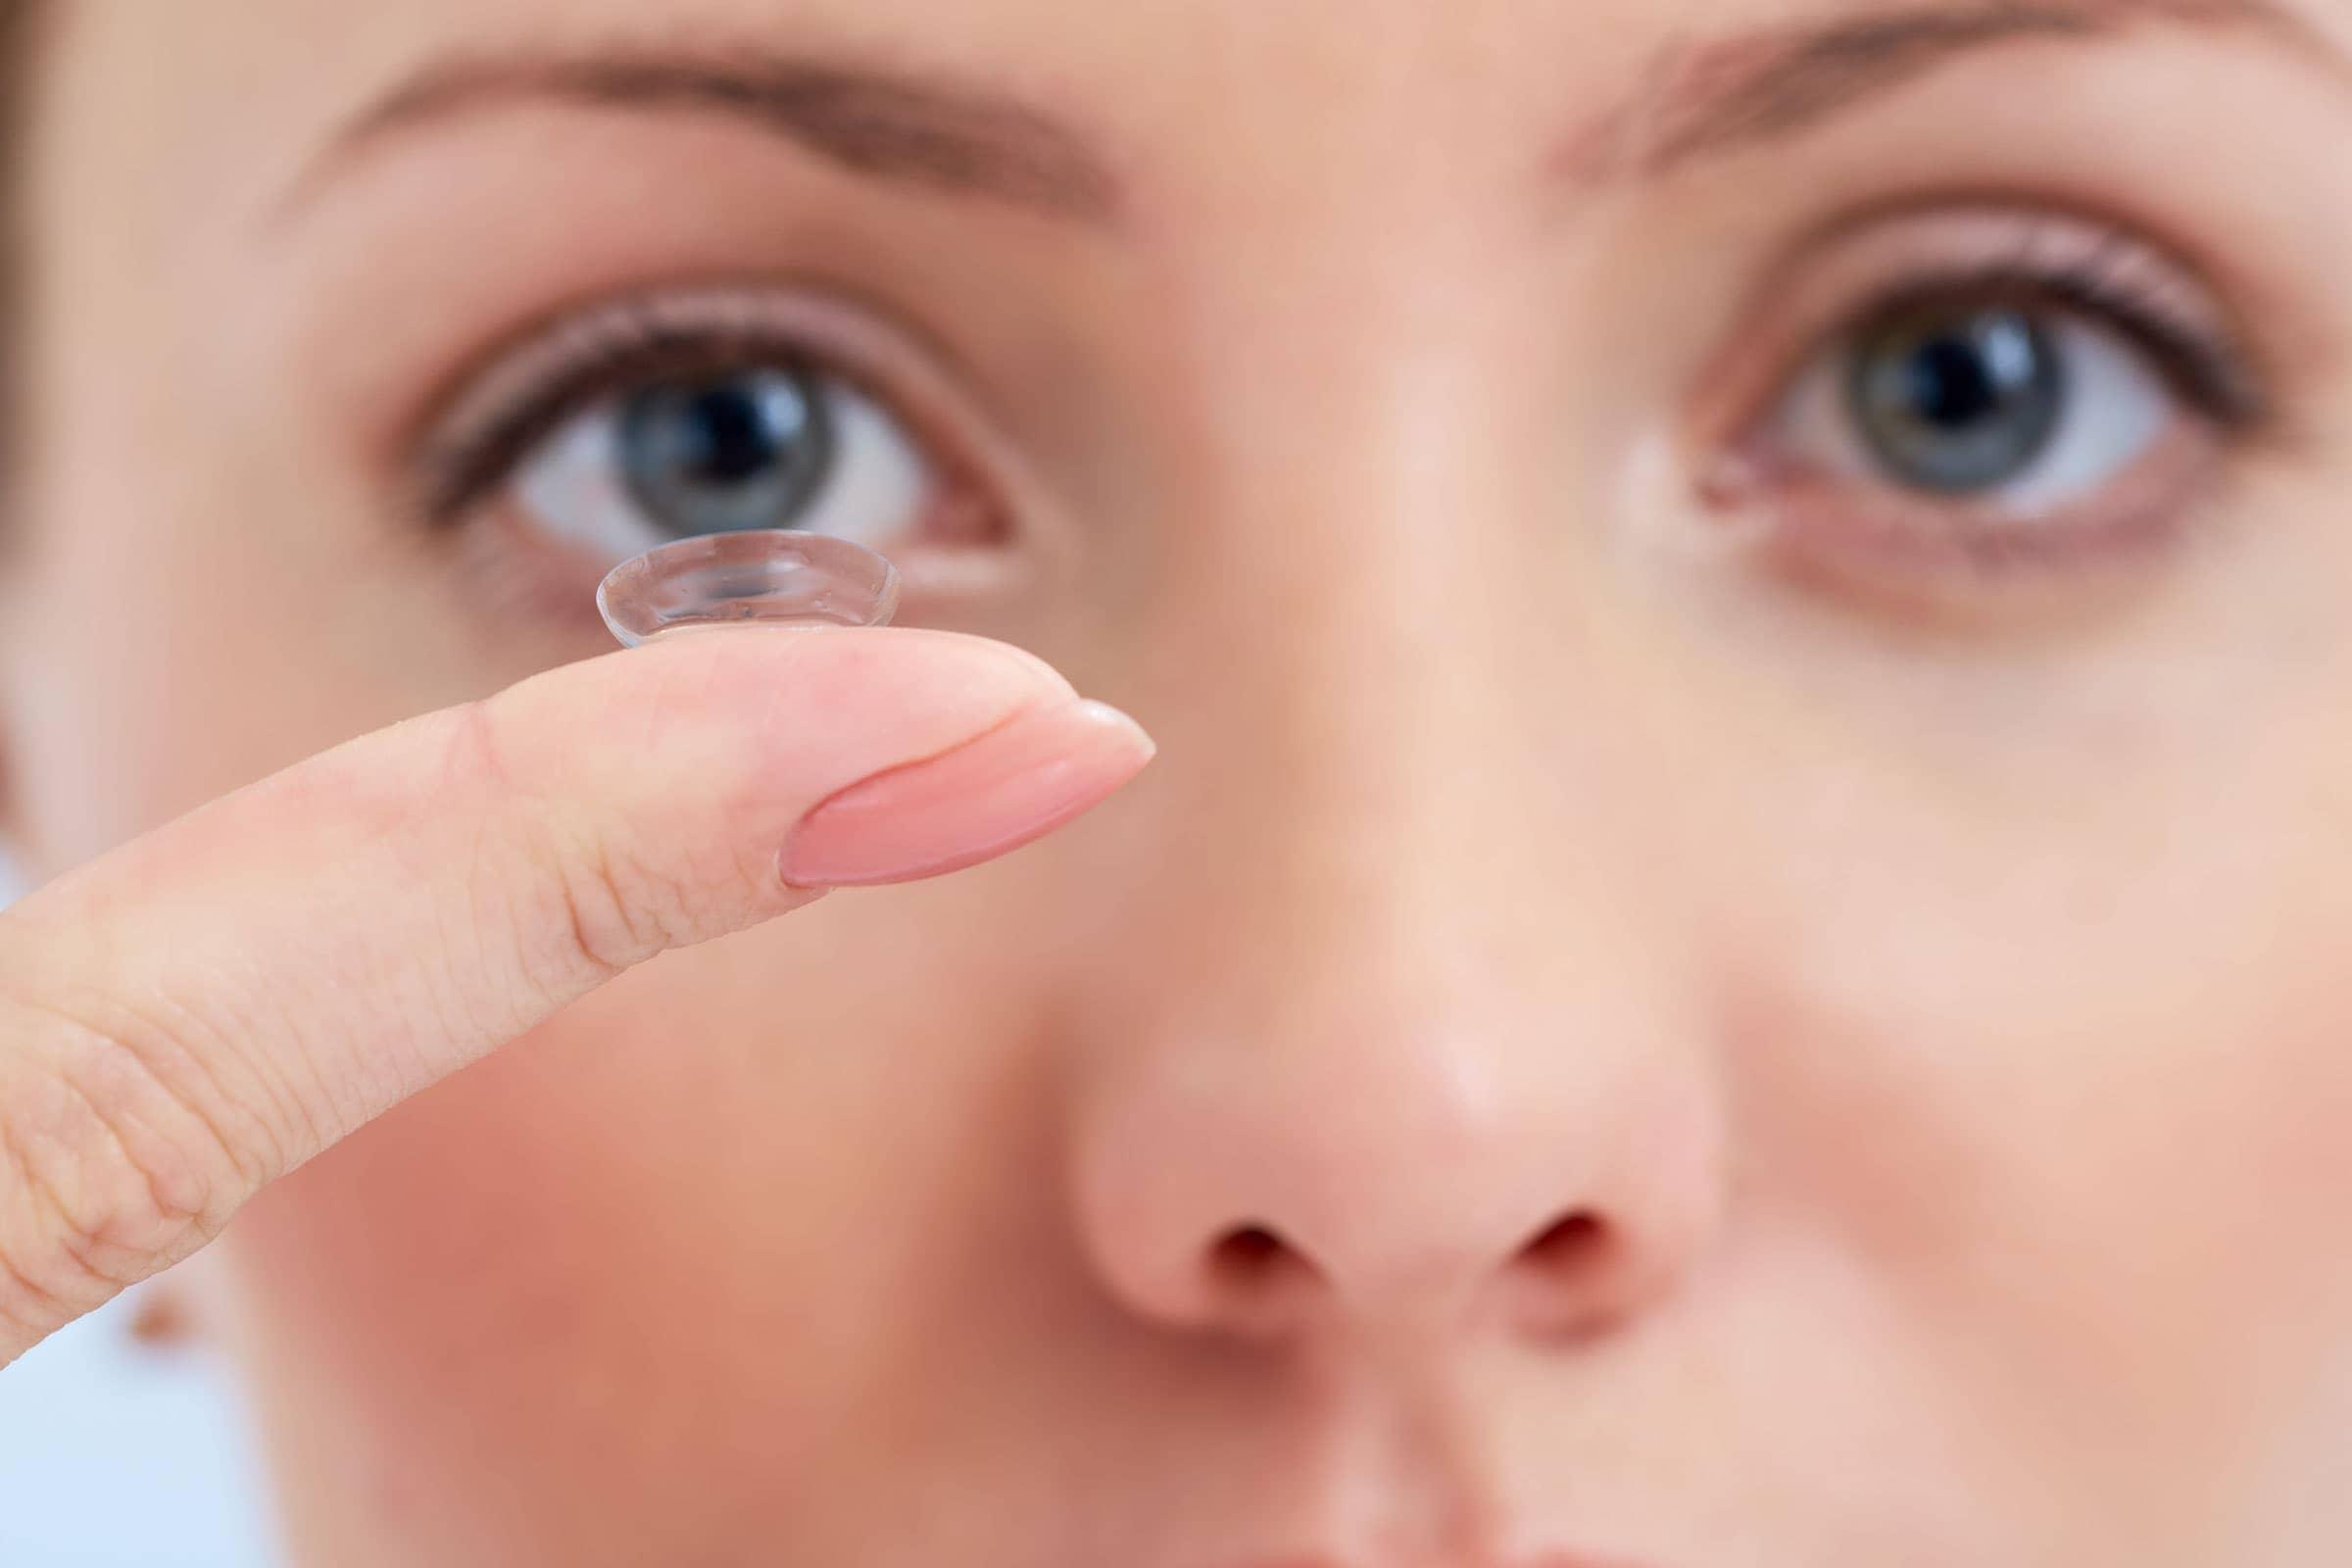 Kontaktlinsen gegen Alterssichtigkeit (Presbyopie)